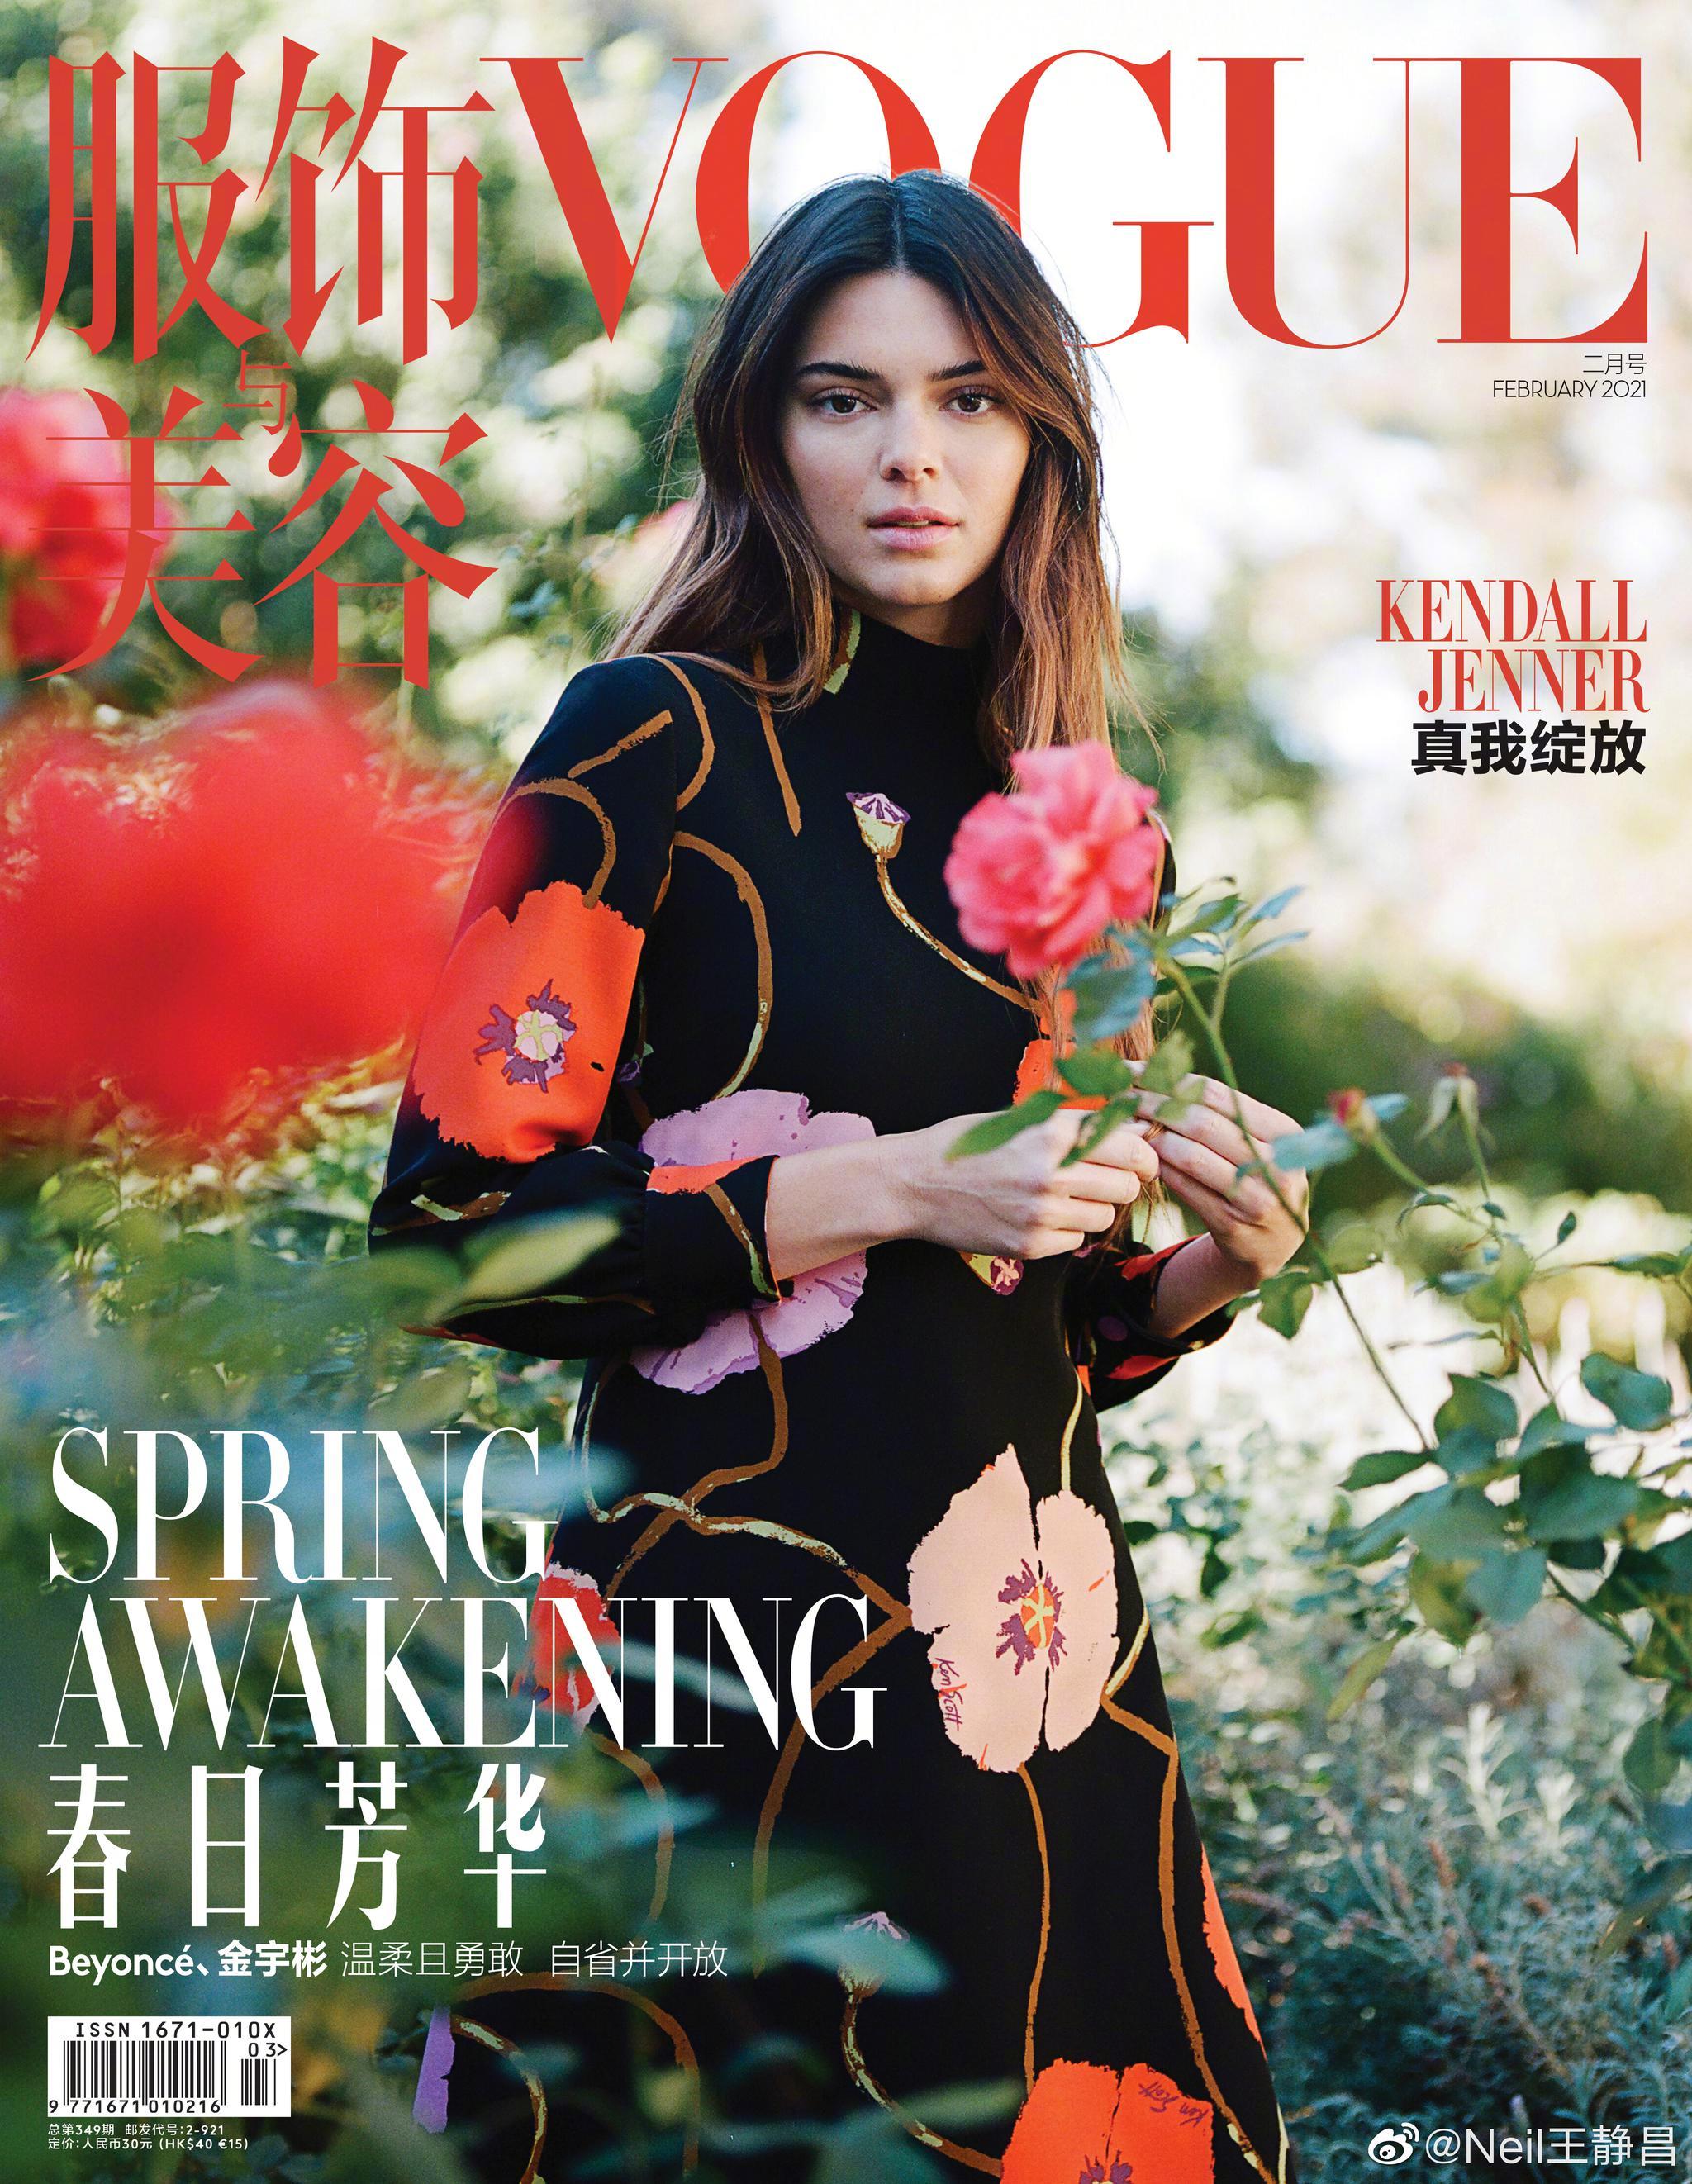 登上了《VOGUE服饰与美容》2021年2月刊封面…………